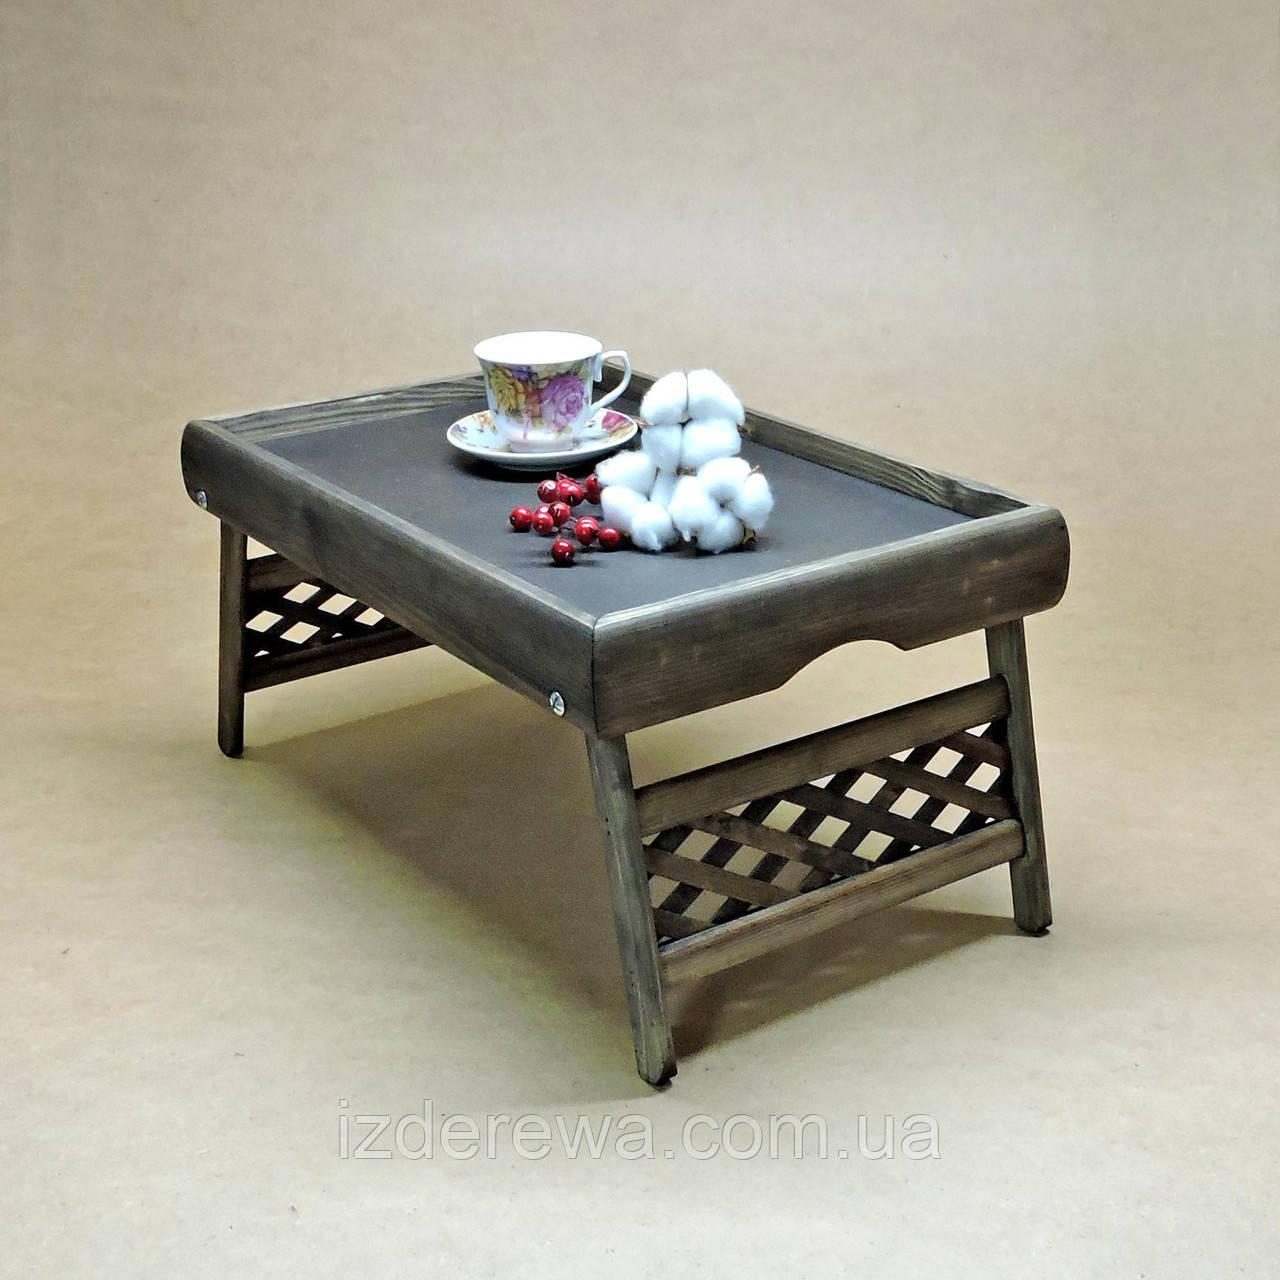 Столик-поднос для завтрака Юта морион